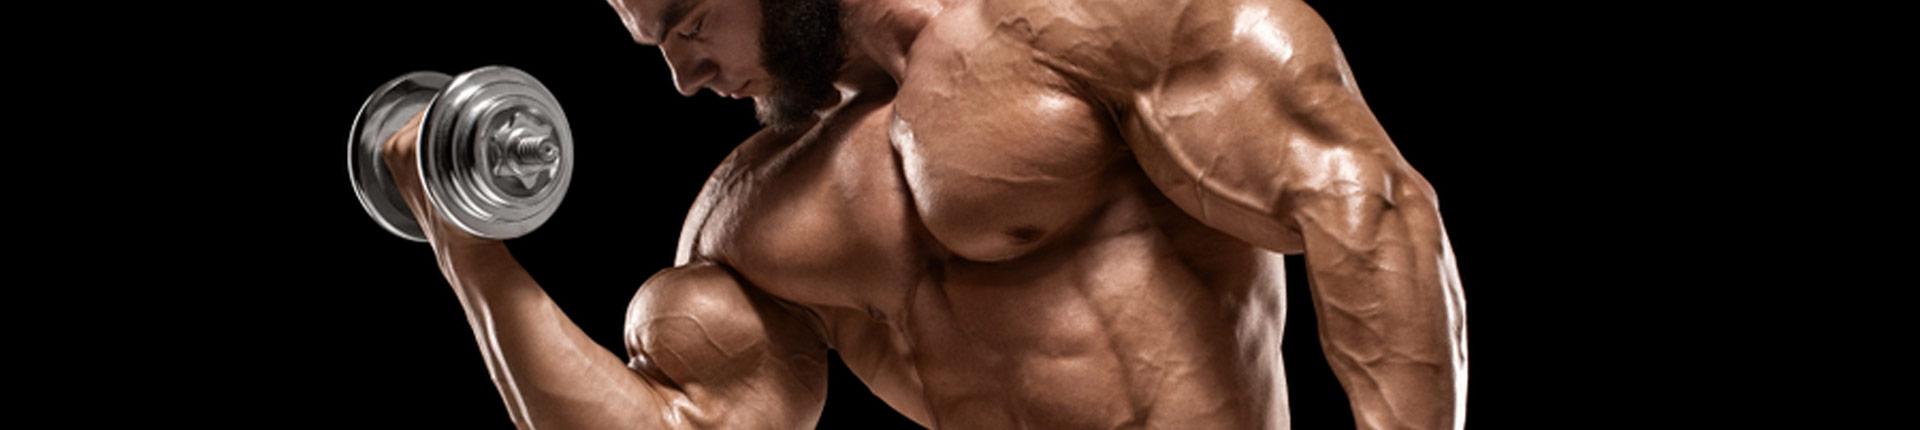 Sposób na większy biceps? Trenuj pod wieloma kątami